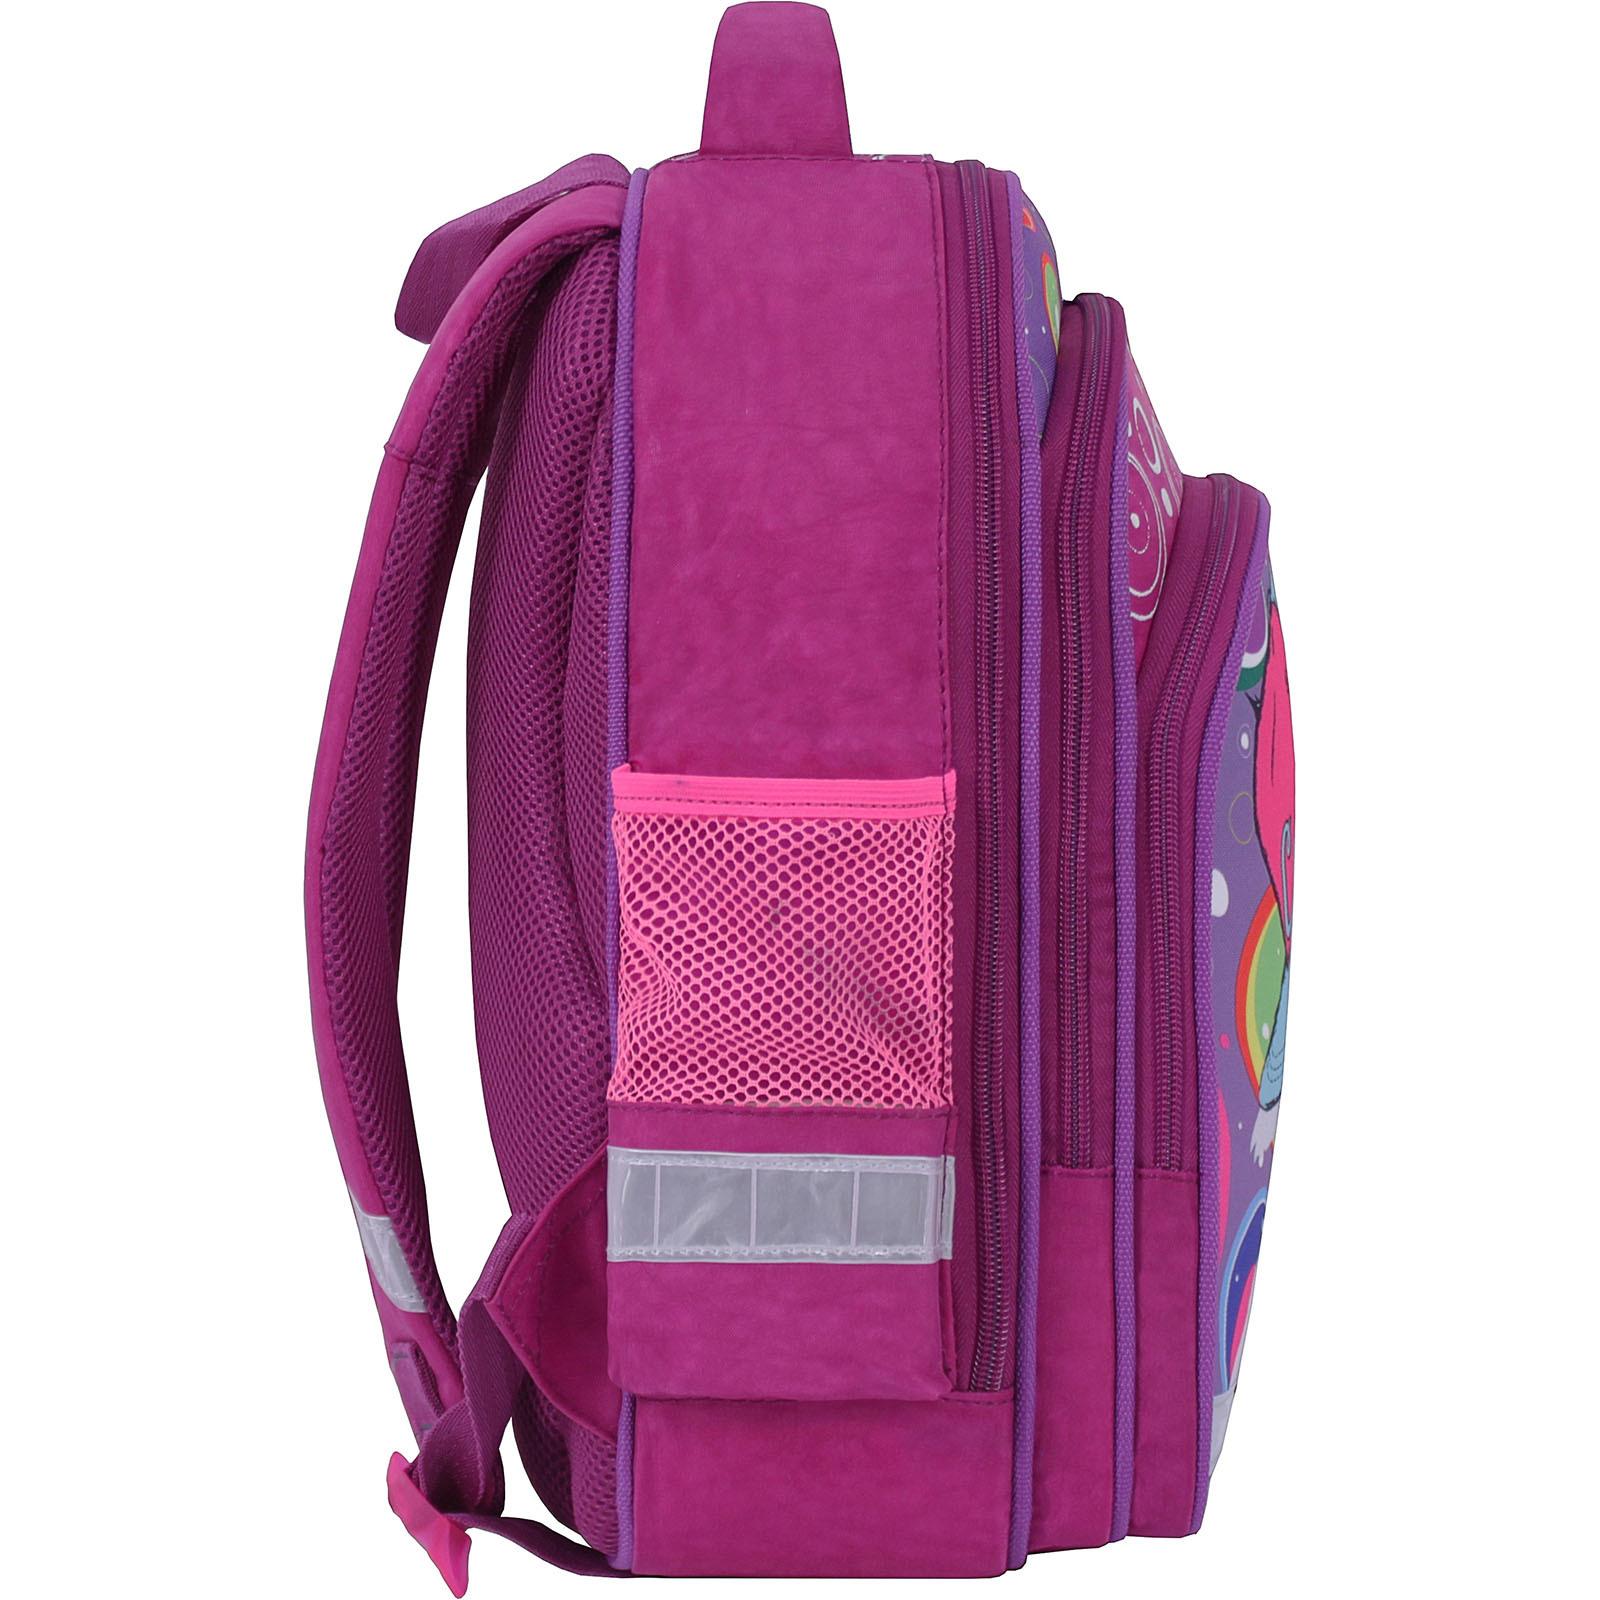 Рюкзак школьный Bagland Mouse 143 малиновый 501 (0051370) фото 3